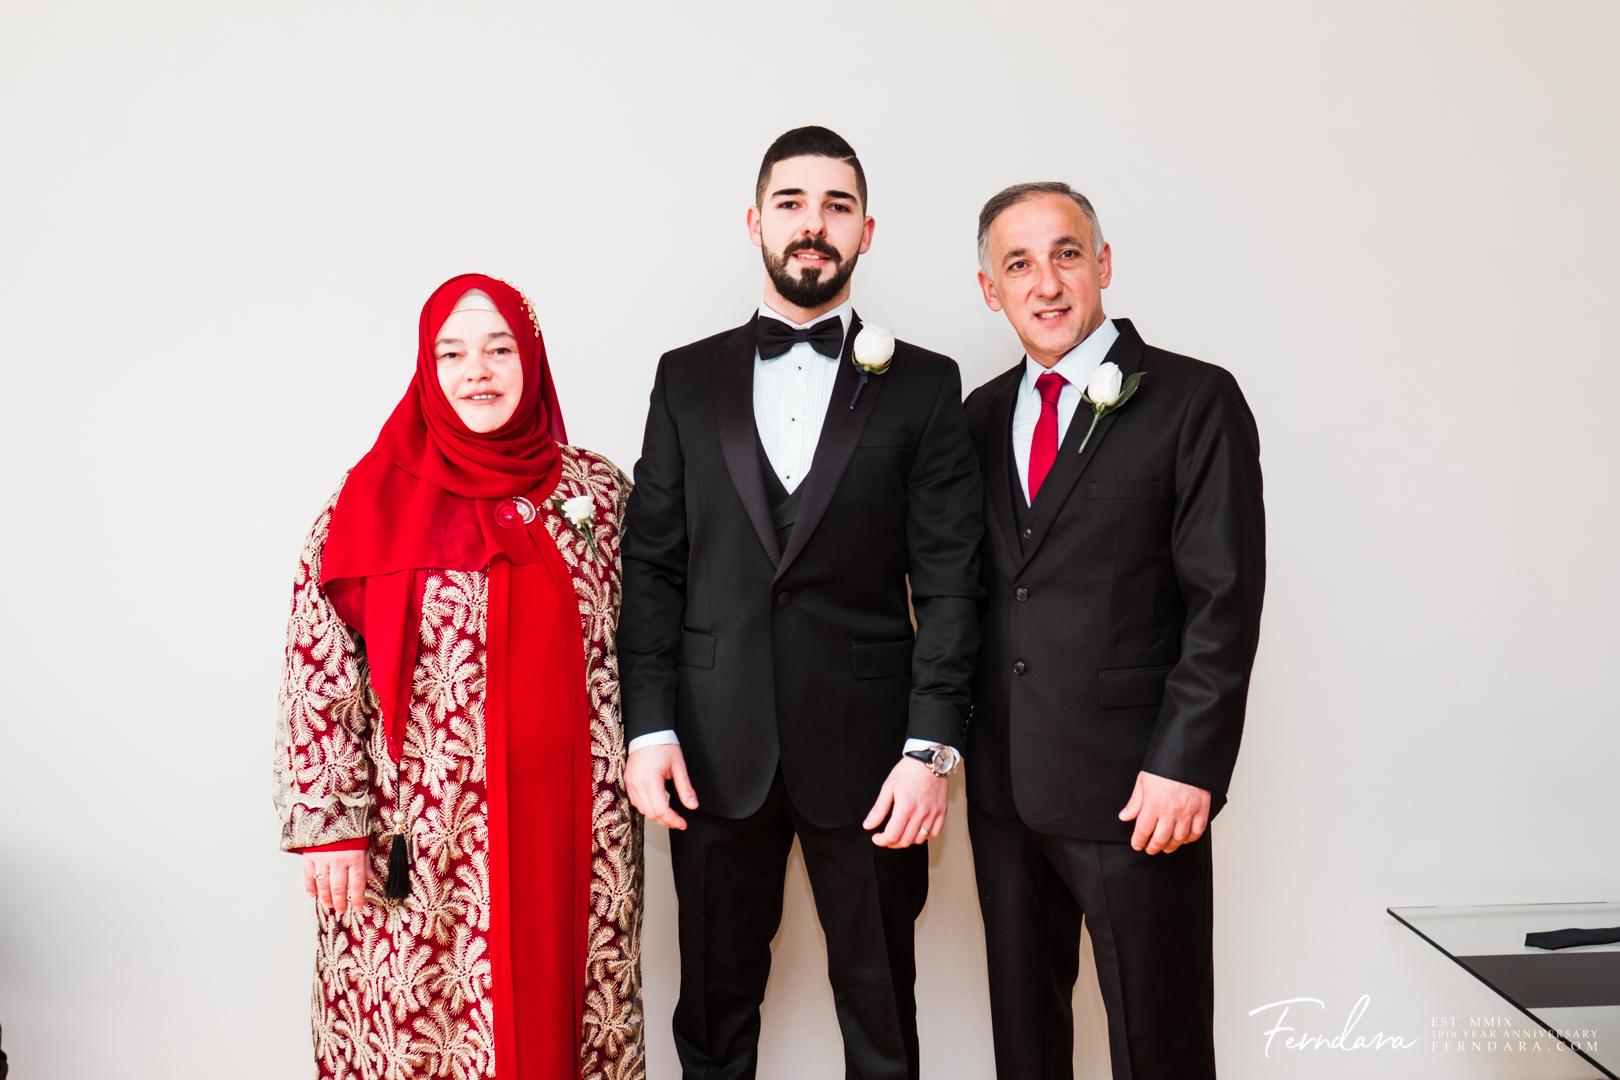 , Tugba + Selami, Ferndara